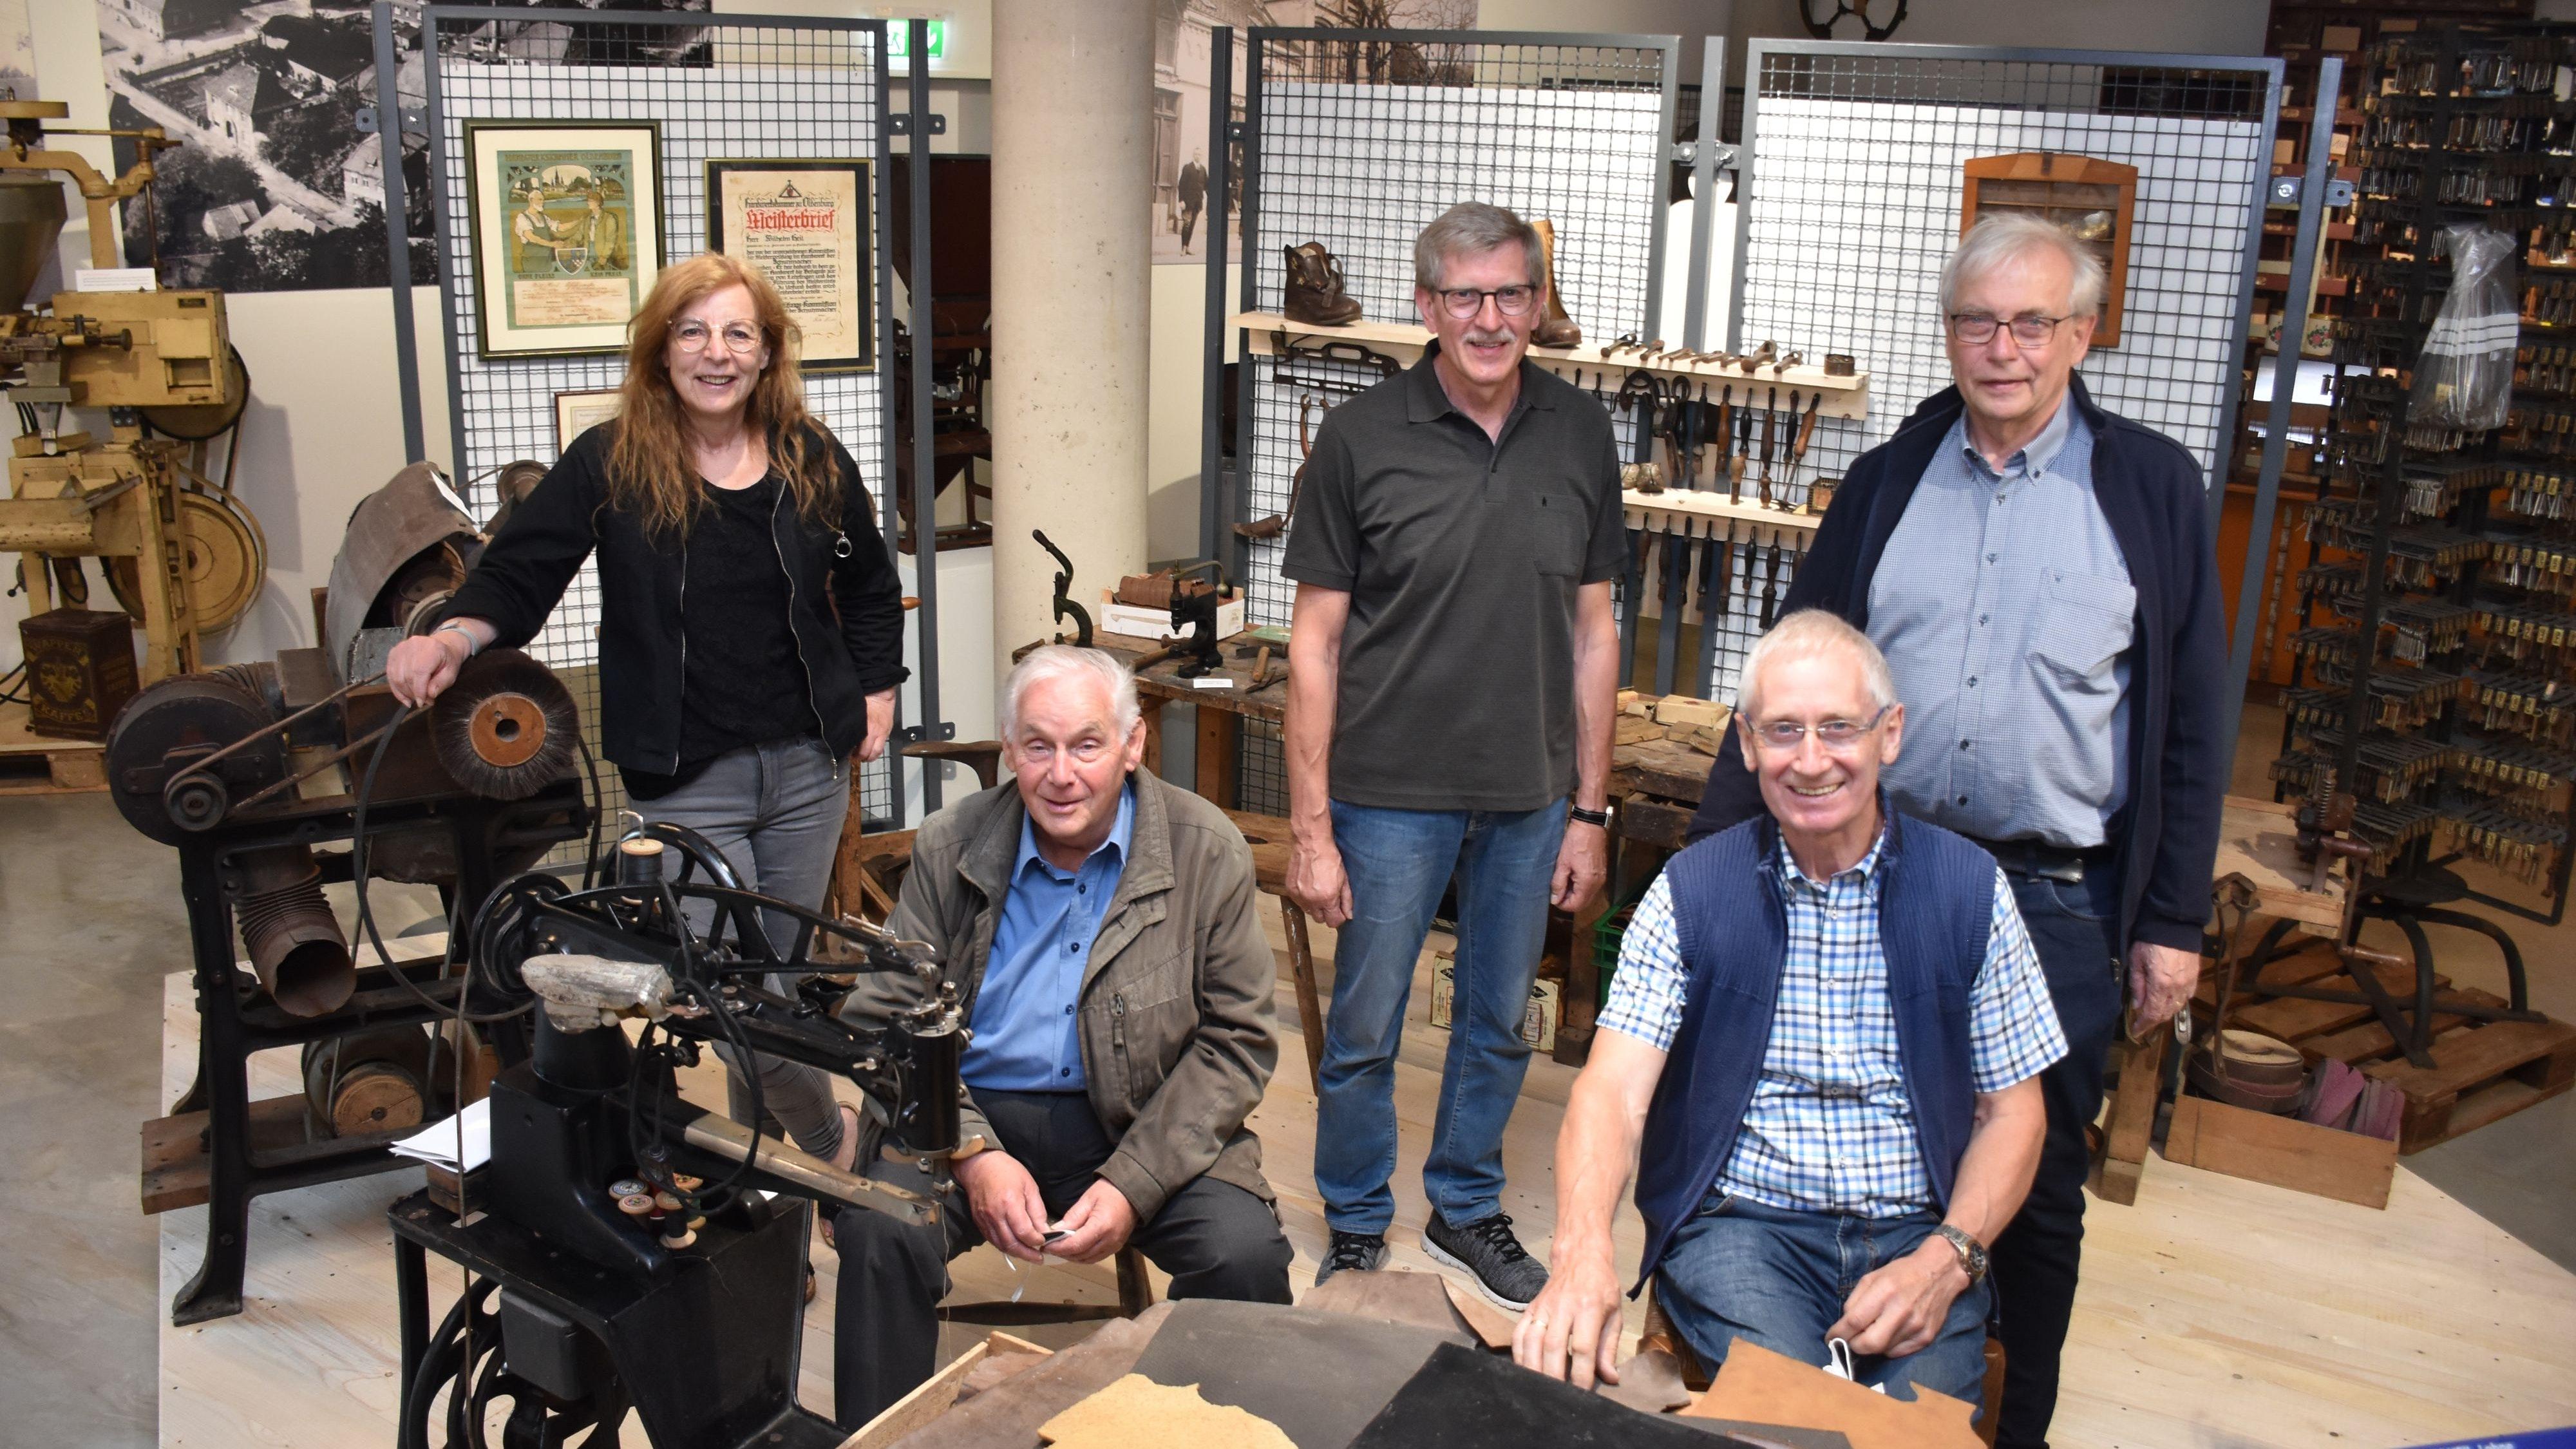 Neue Schau in neuer Umgebung: (von links) Ulrike Hagemeier, Walter Heil, Alfred Borgerding, Josef Quatmann und Benno Dräger. Foto: Timphaus